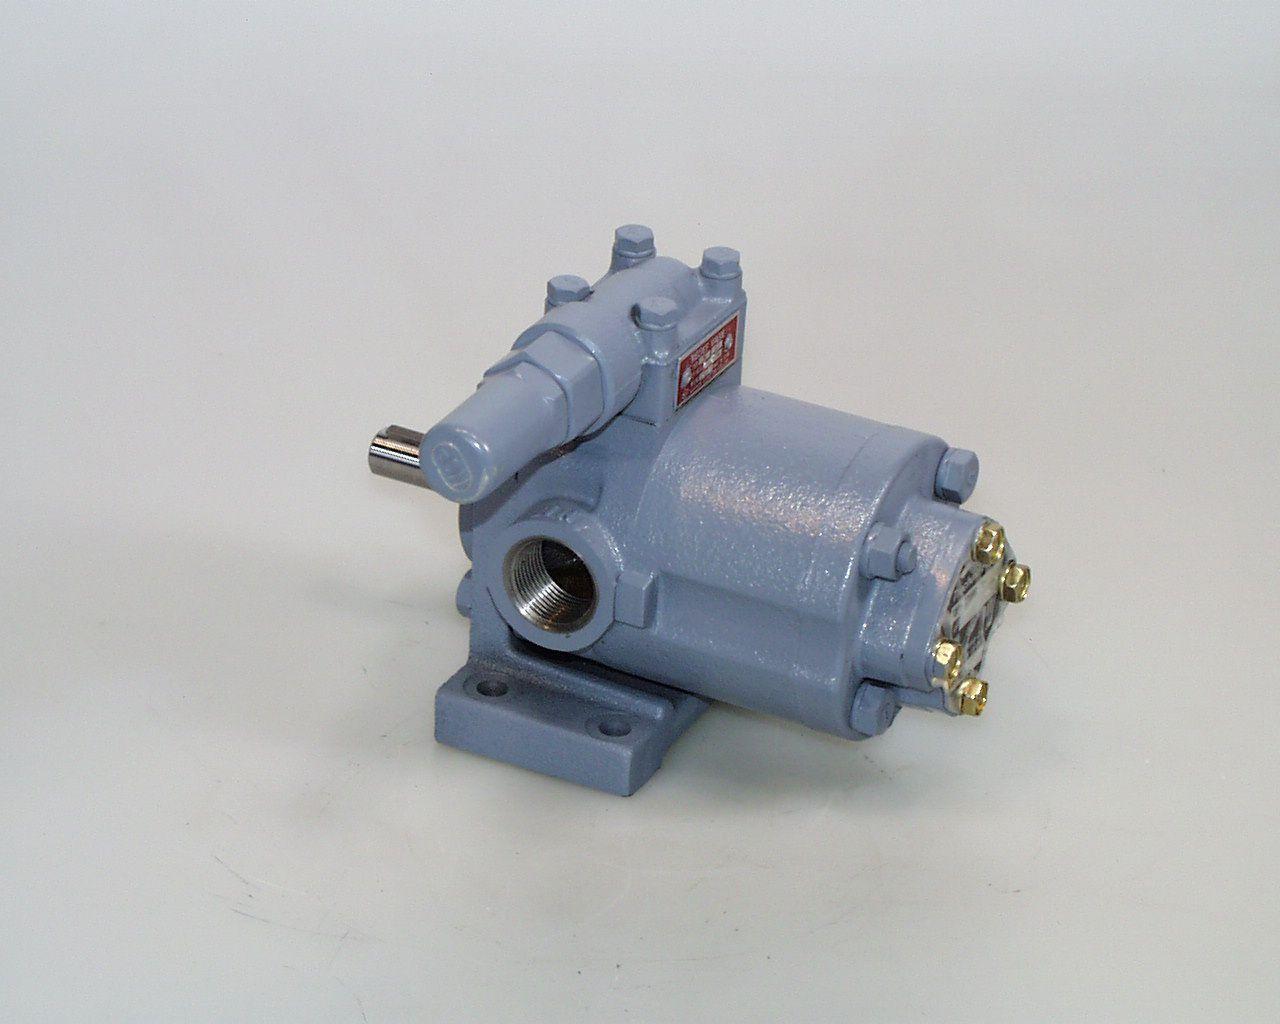 日本NOP,油泵,摆线泵,齿轮泵,冷却泵,燃油泵,润滑泵,液压马达